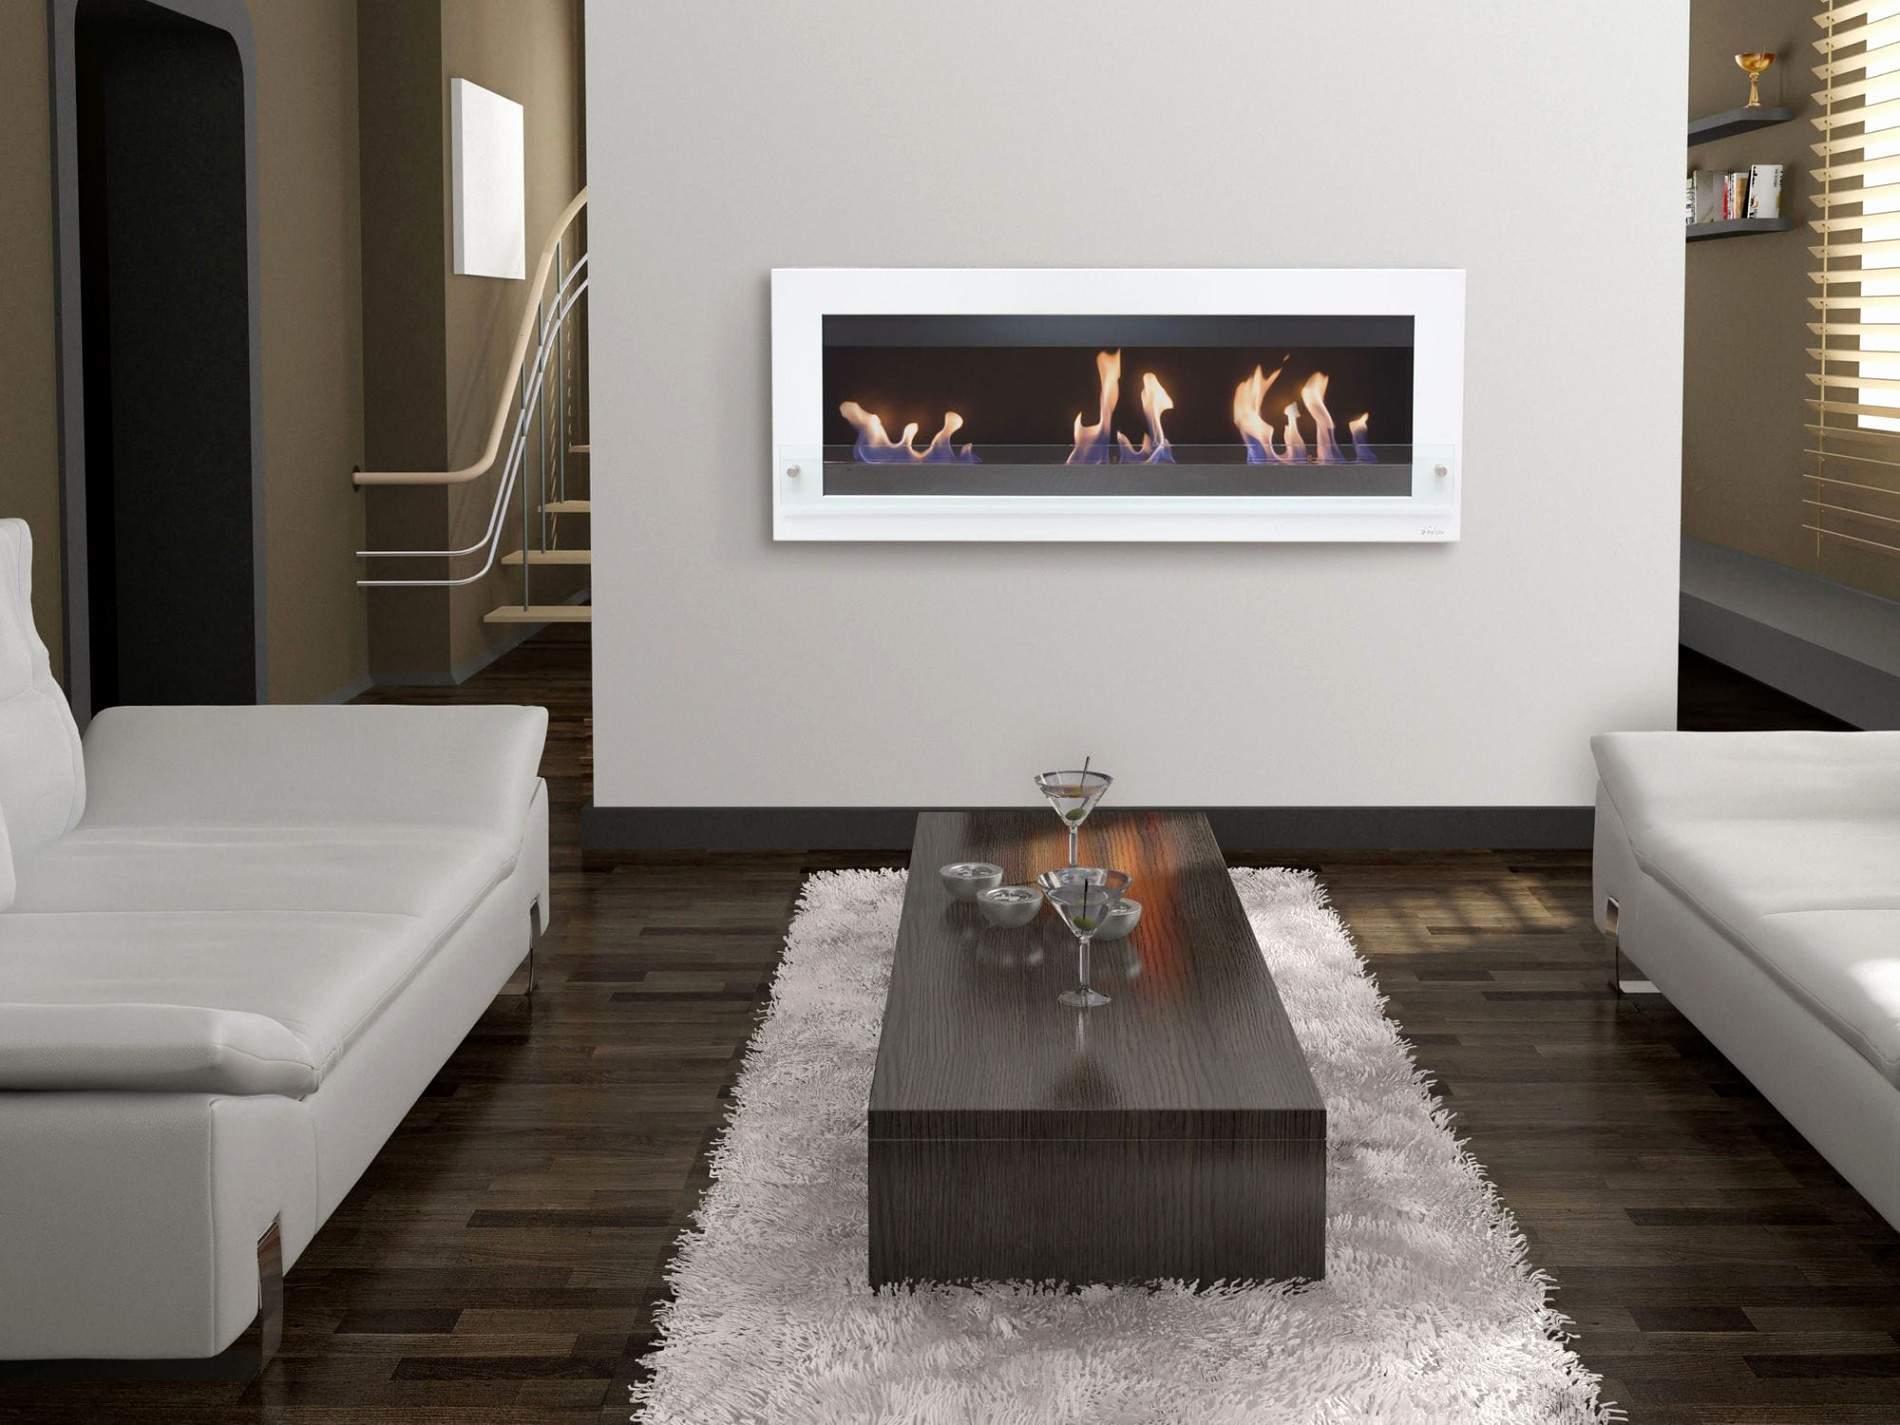 sitzbank wohnzimmer luxus beistelltisch mit stauraum planen wie man wahlt einzigartig of sitzbank wohnzimmer